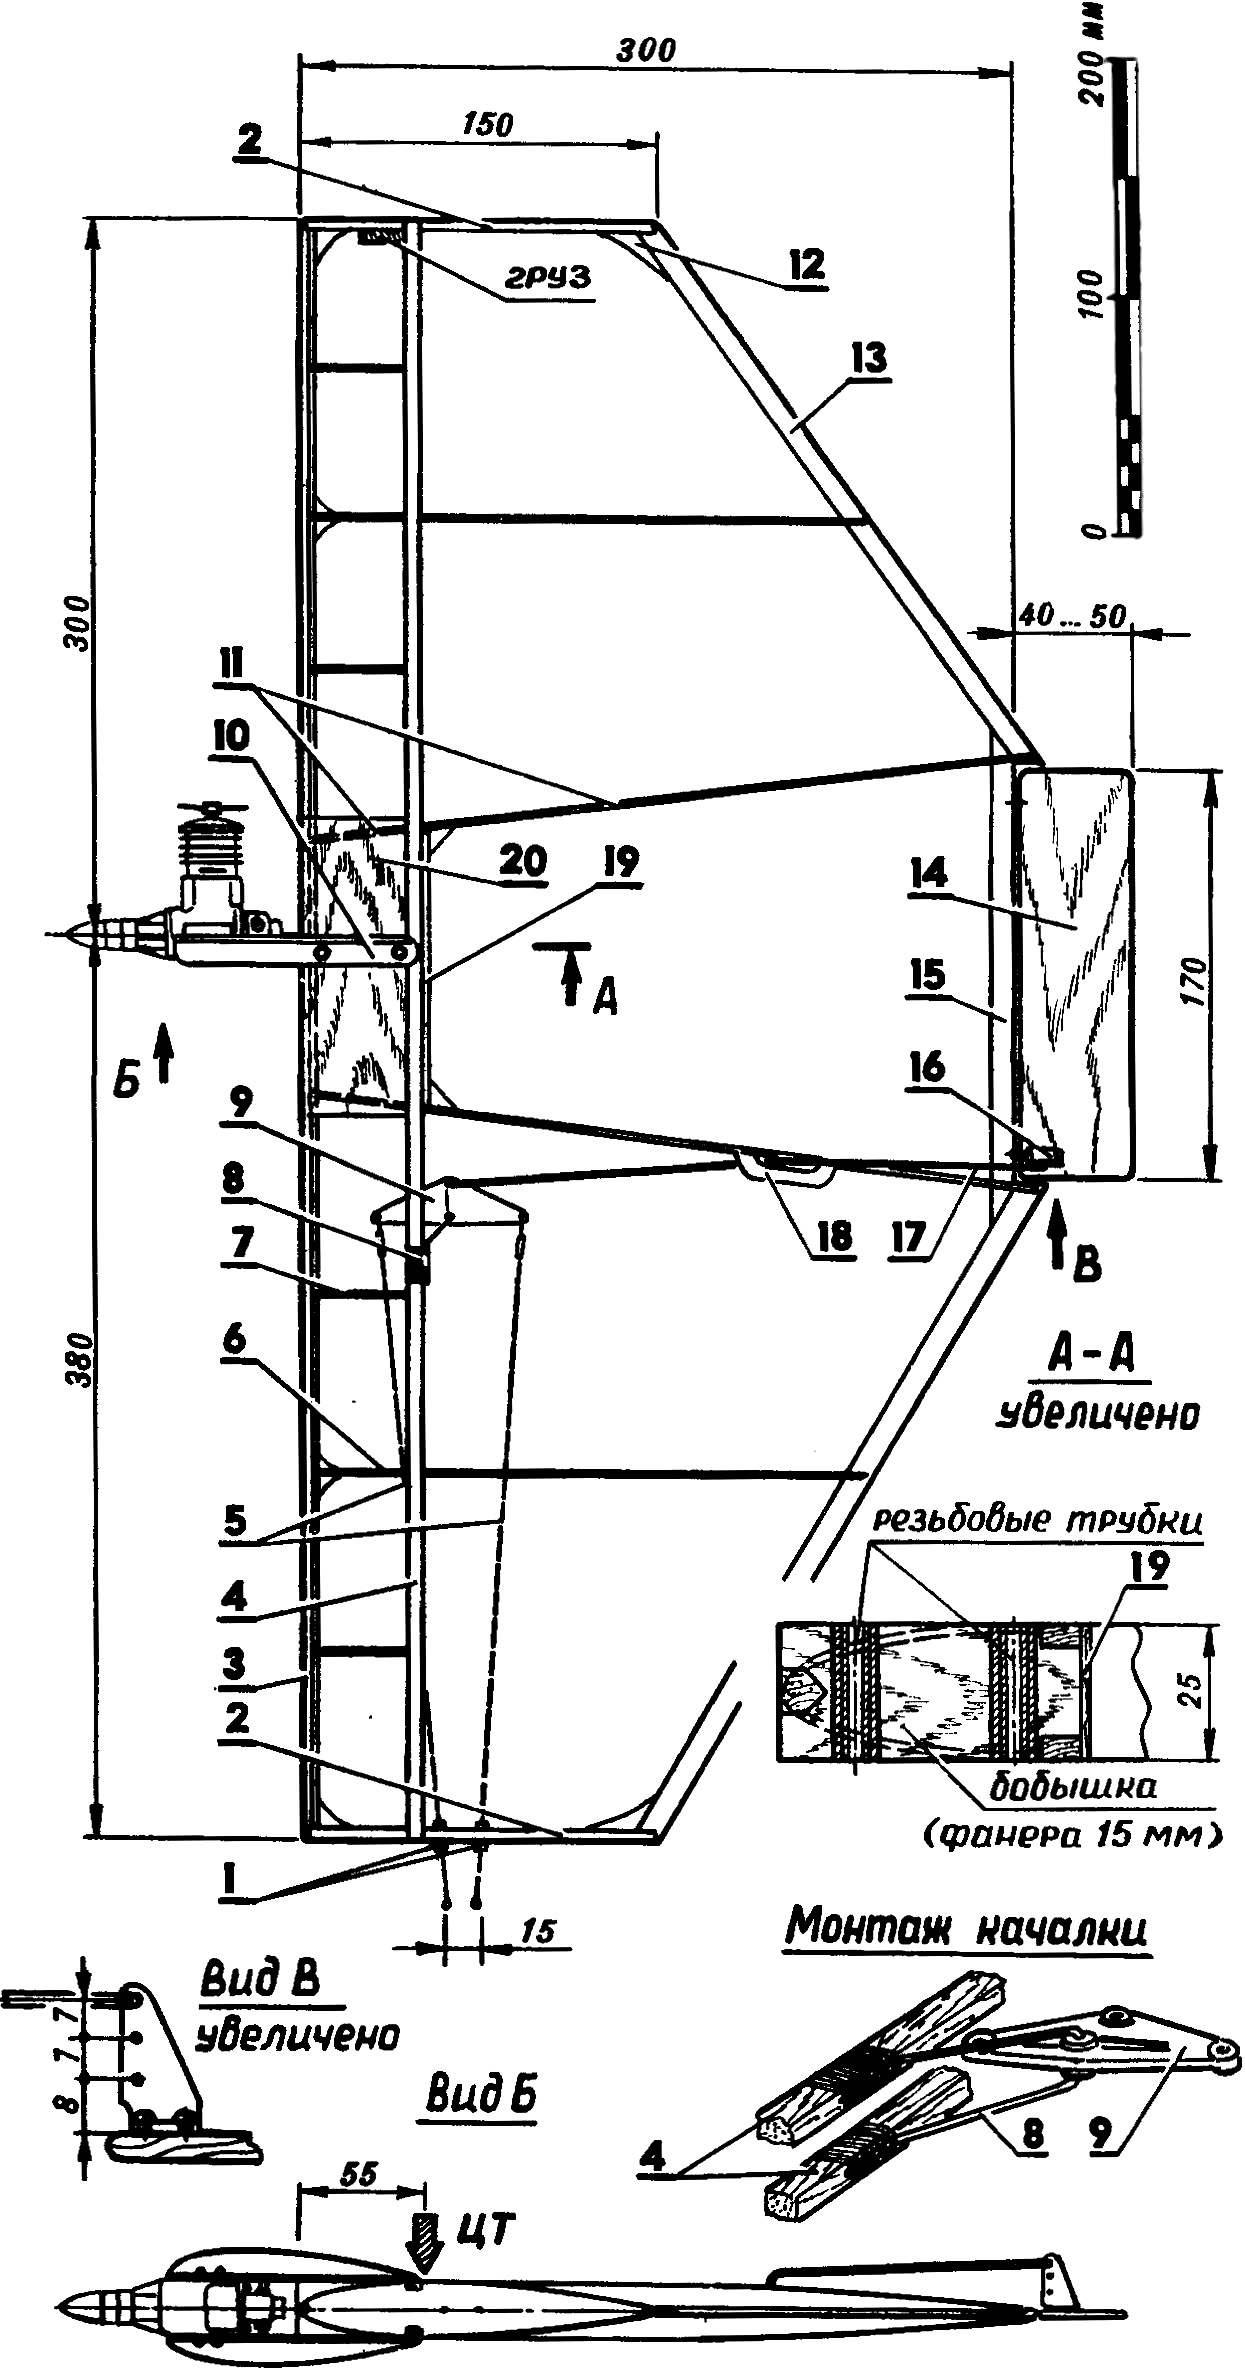 Рис. 1. Упрощенная модель для воздушного боя под двигатель МАРЗ-2,5.